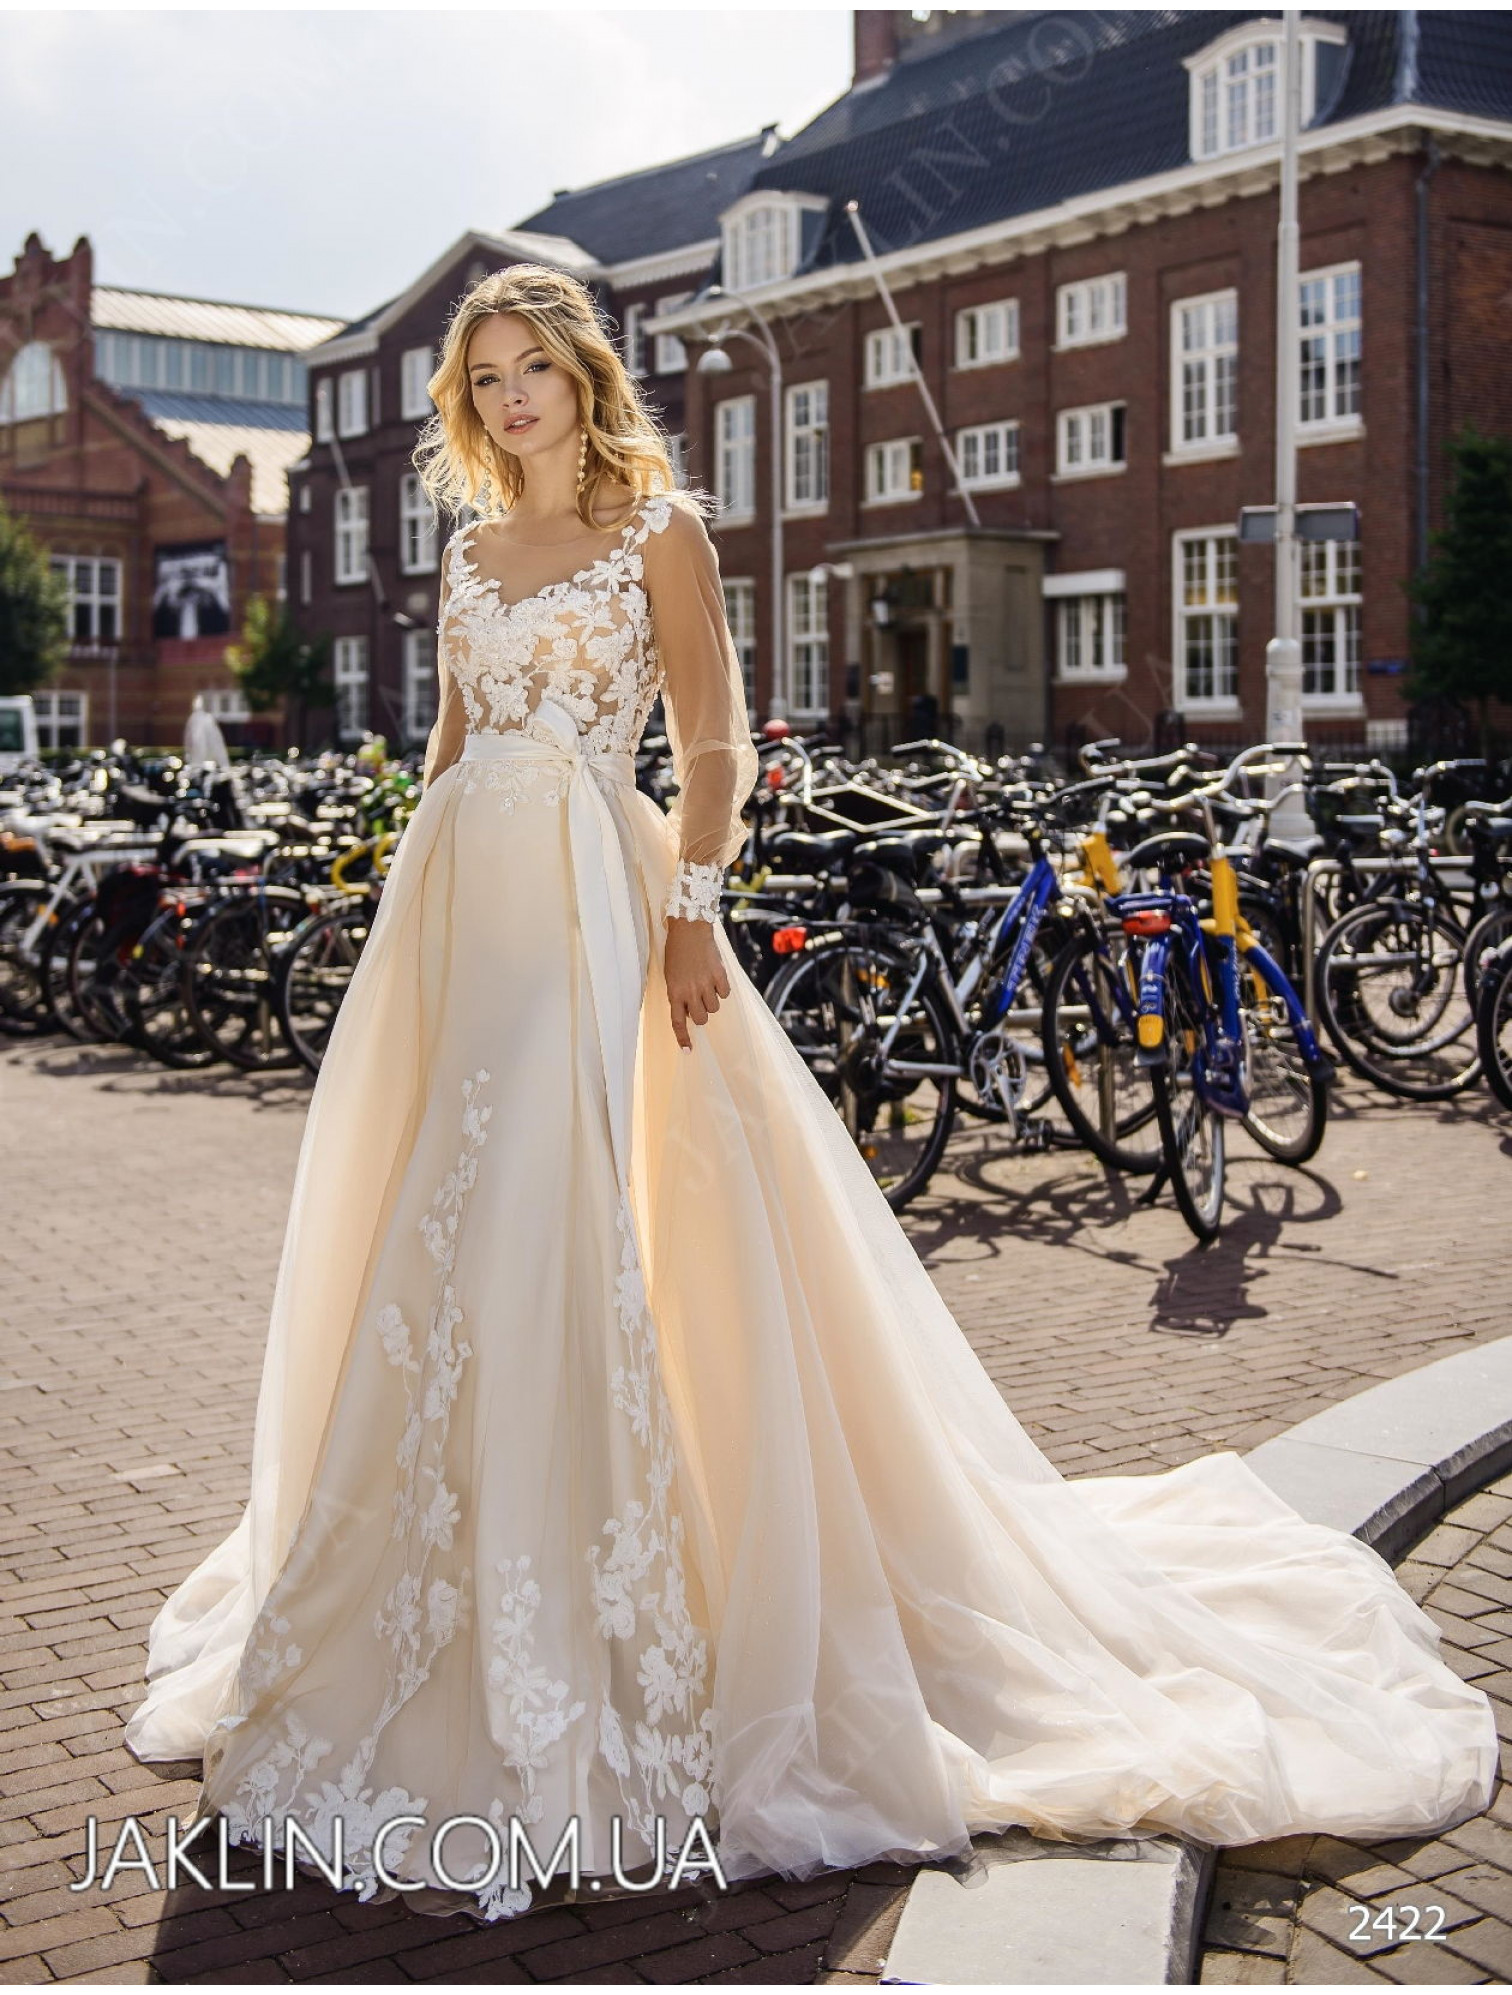 Весільна сукня 2422